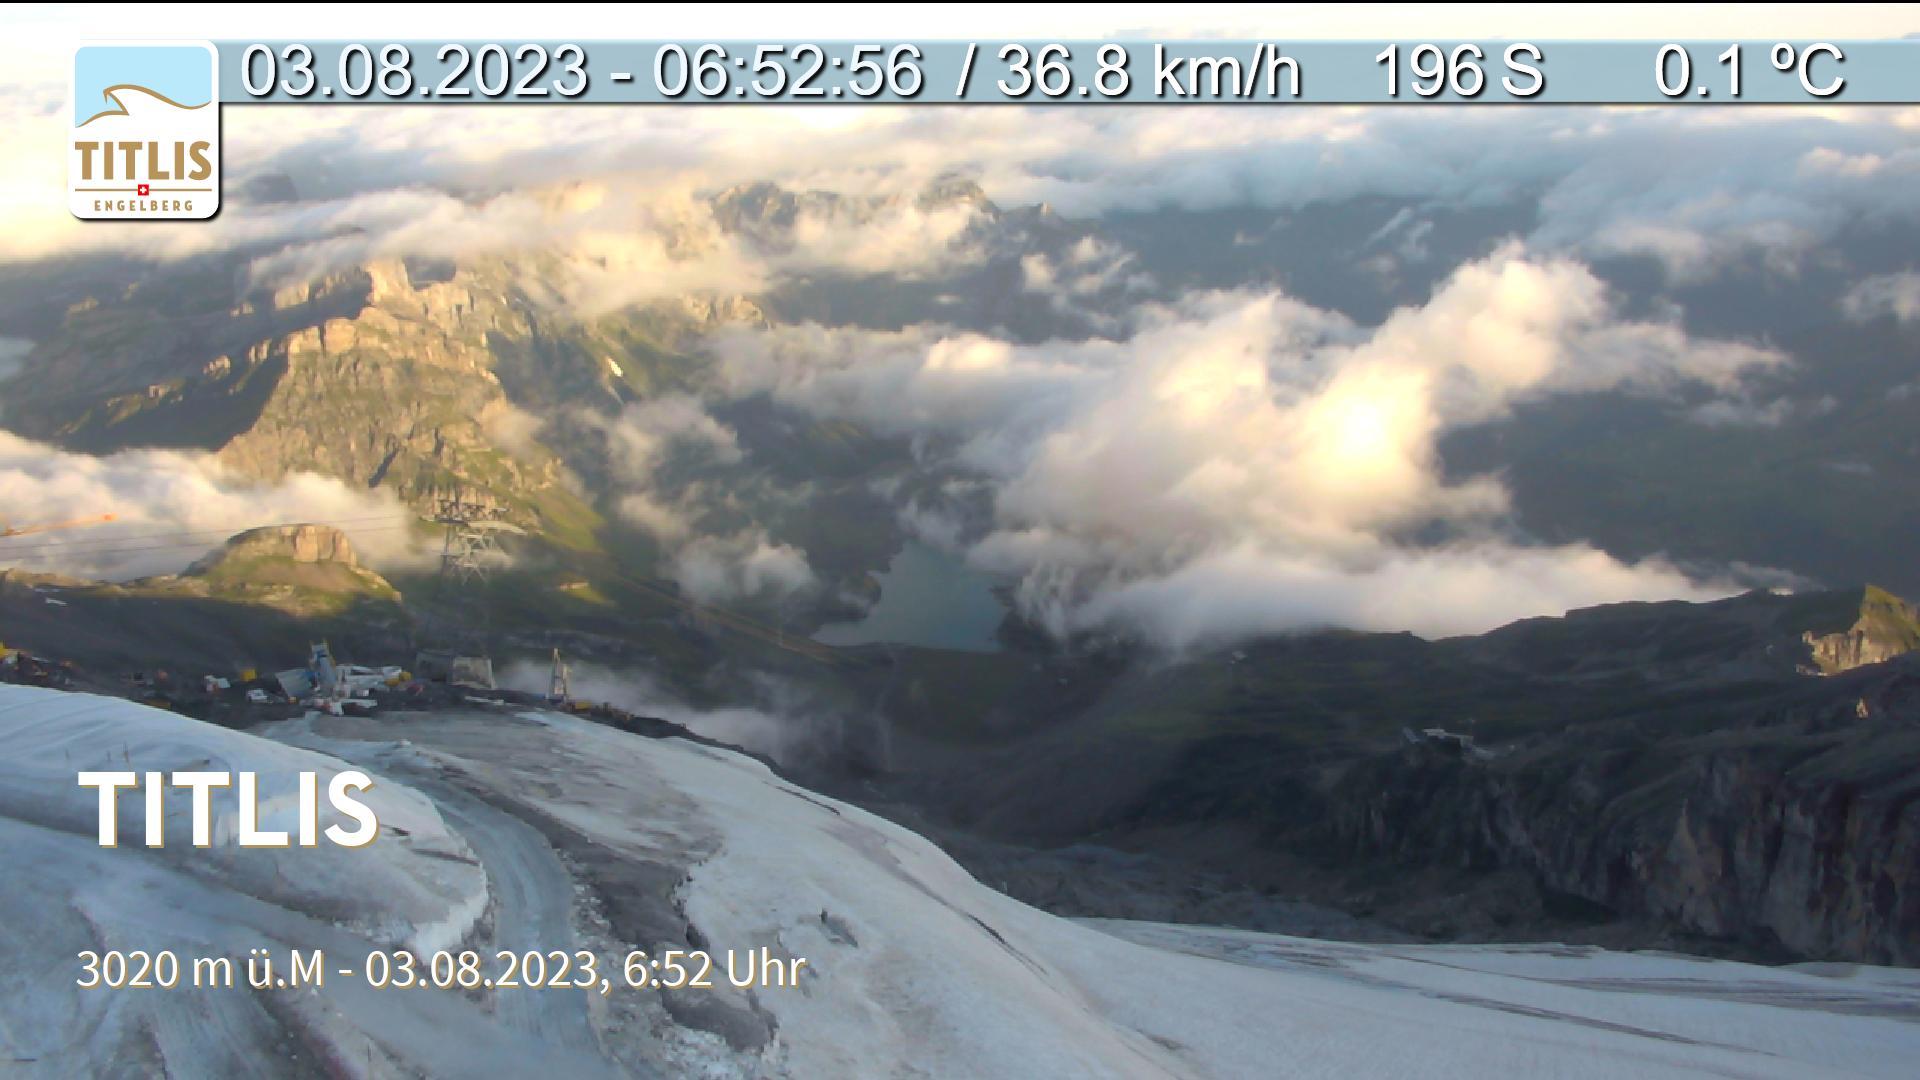 Paragliding Fluggebiet Europa Schweiz Obwalden,Titlis, alpiner Startplatz,Livecam  der Titlisbahn